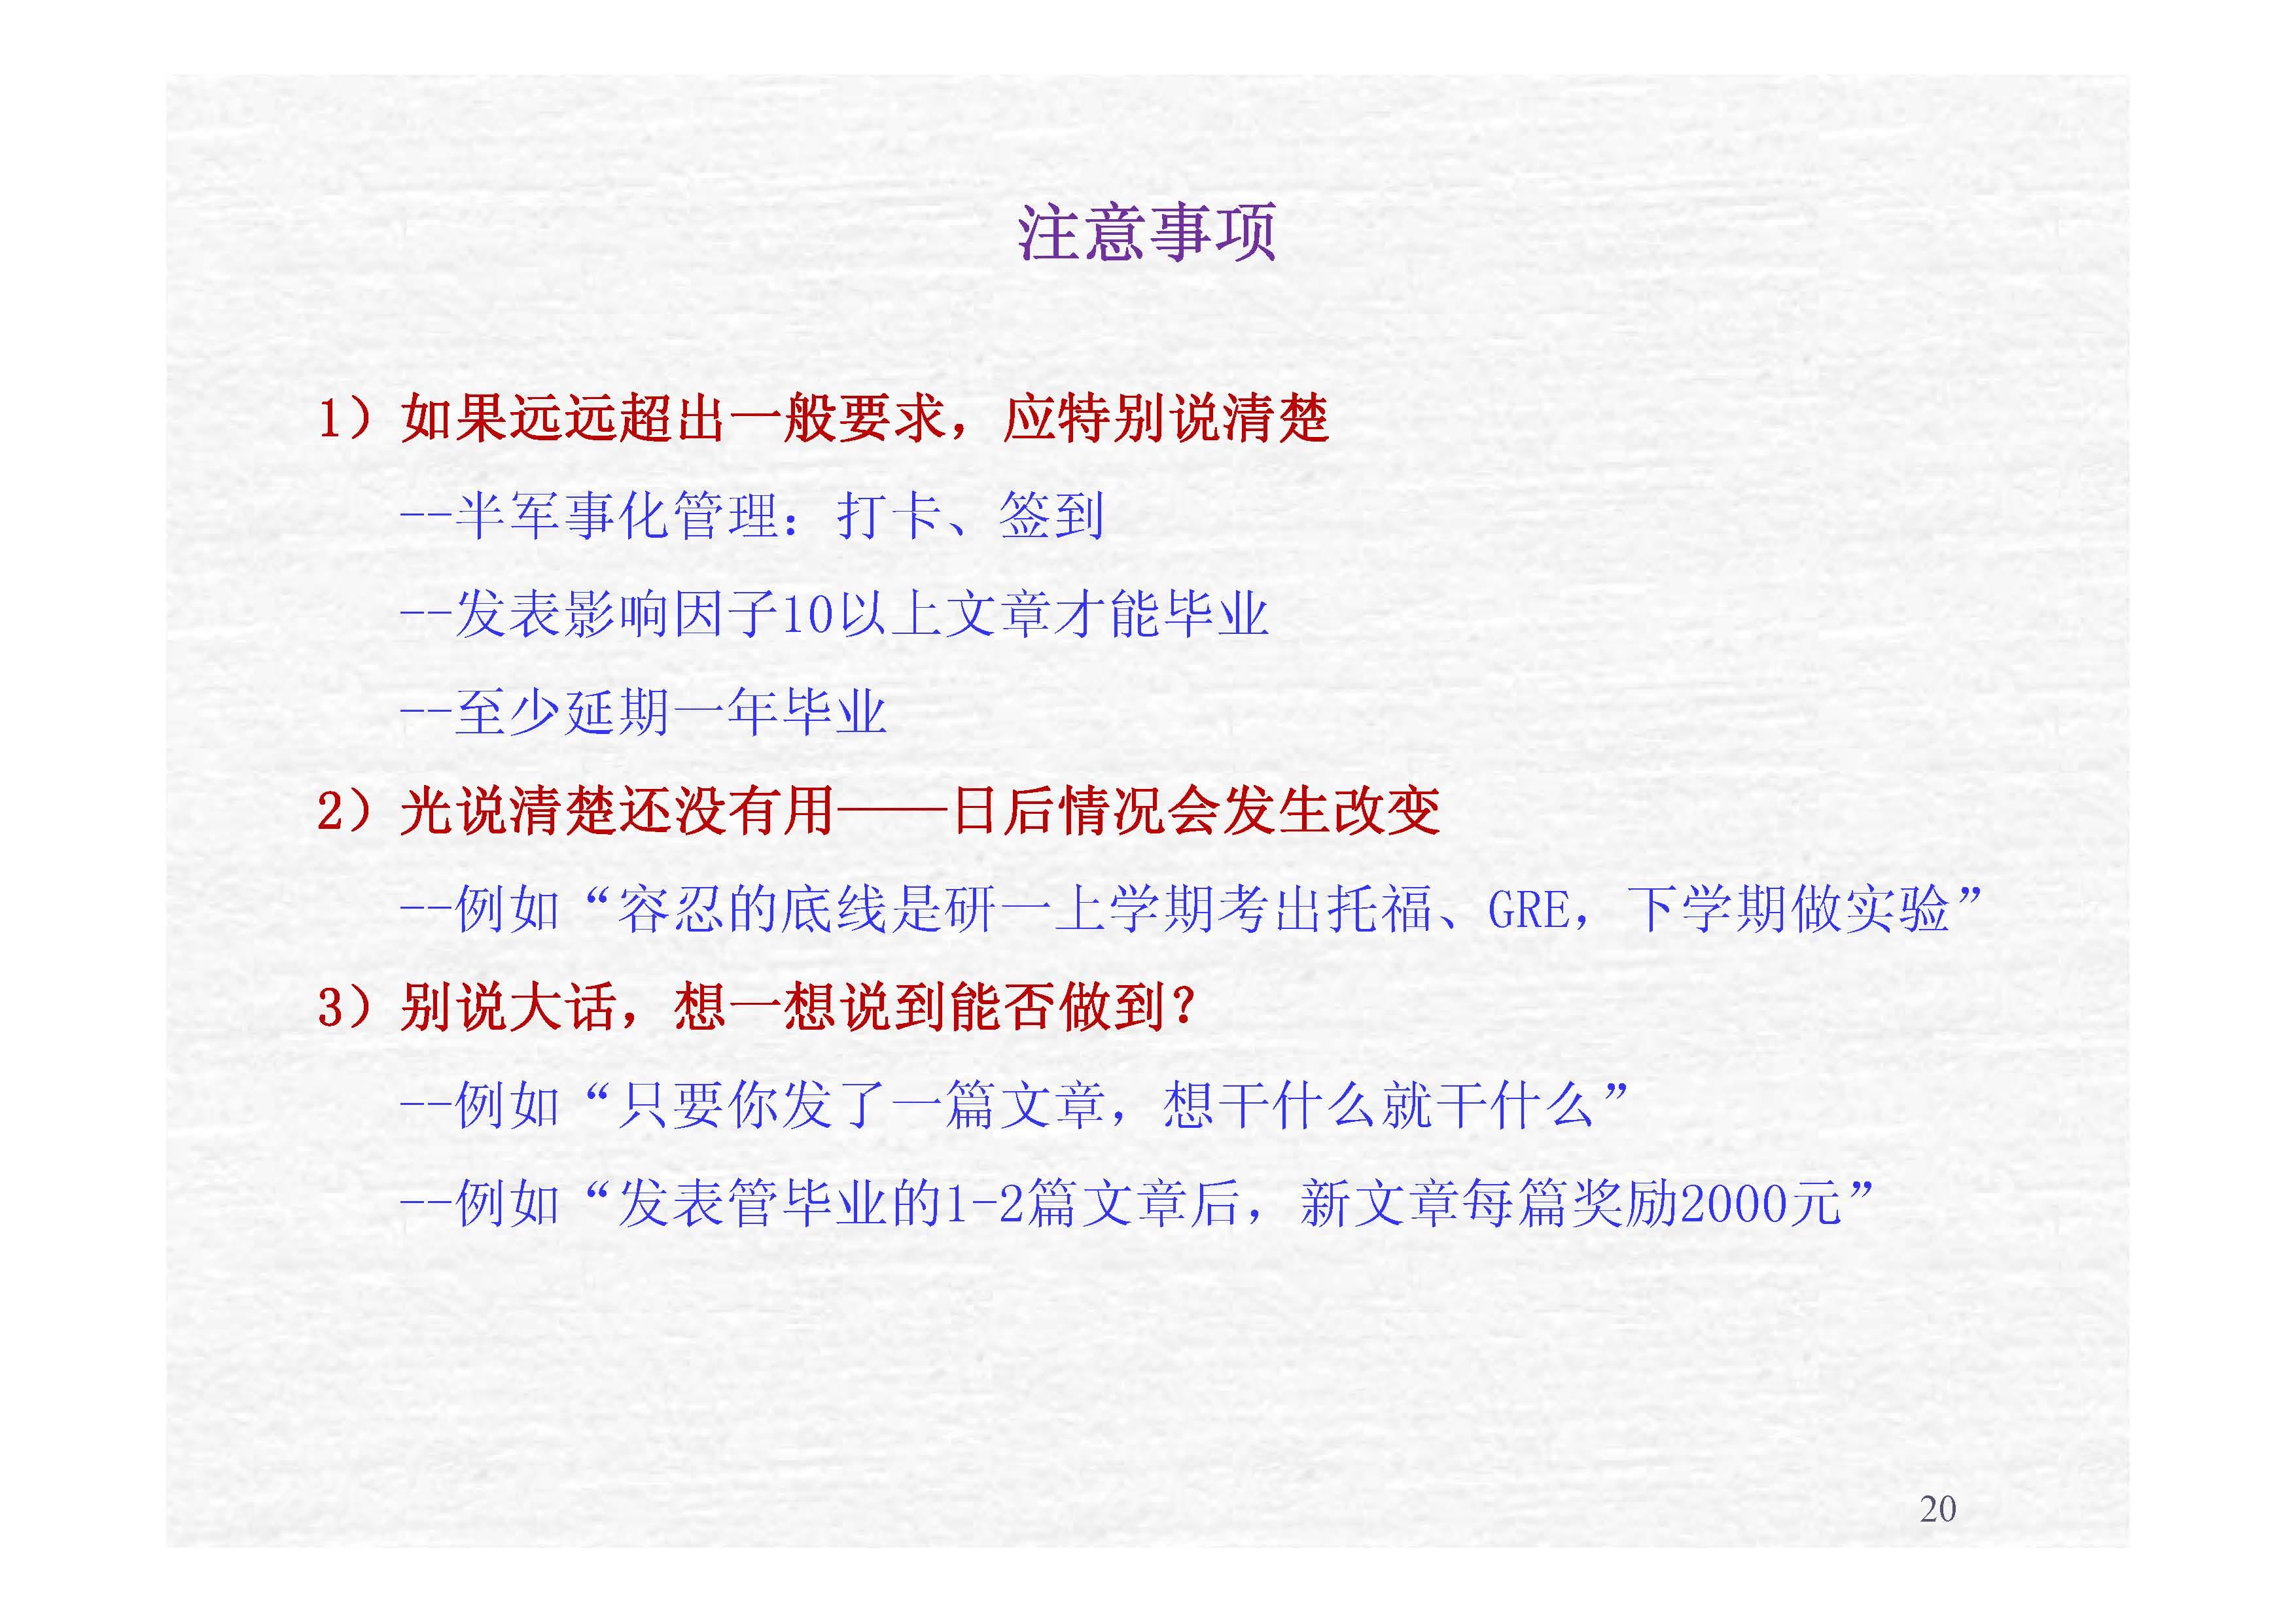 研究生师生矛盾及其化解对策-修订版-10_页面_20.jpg